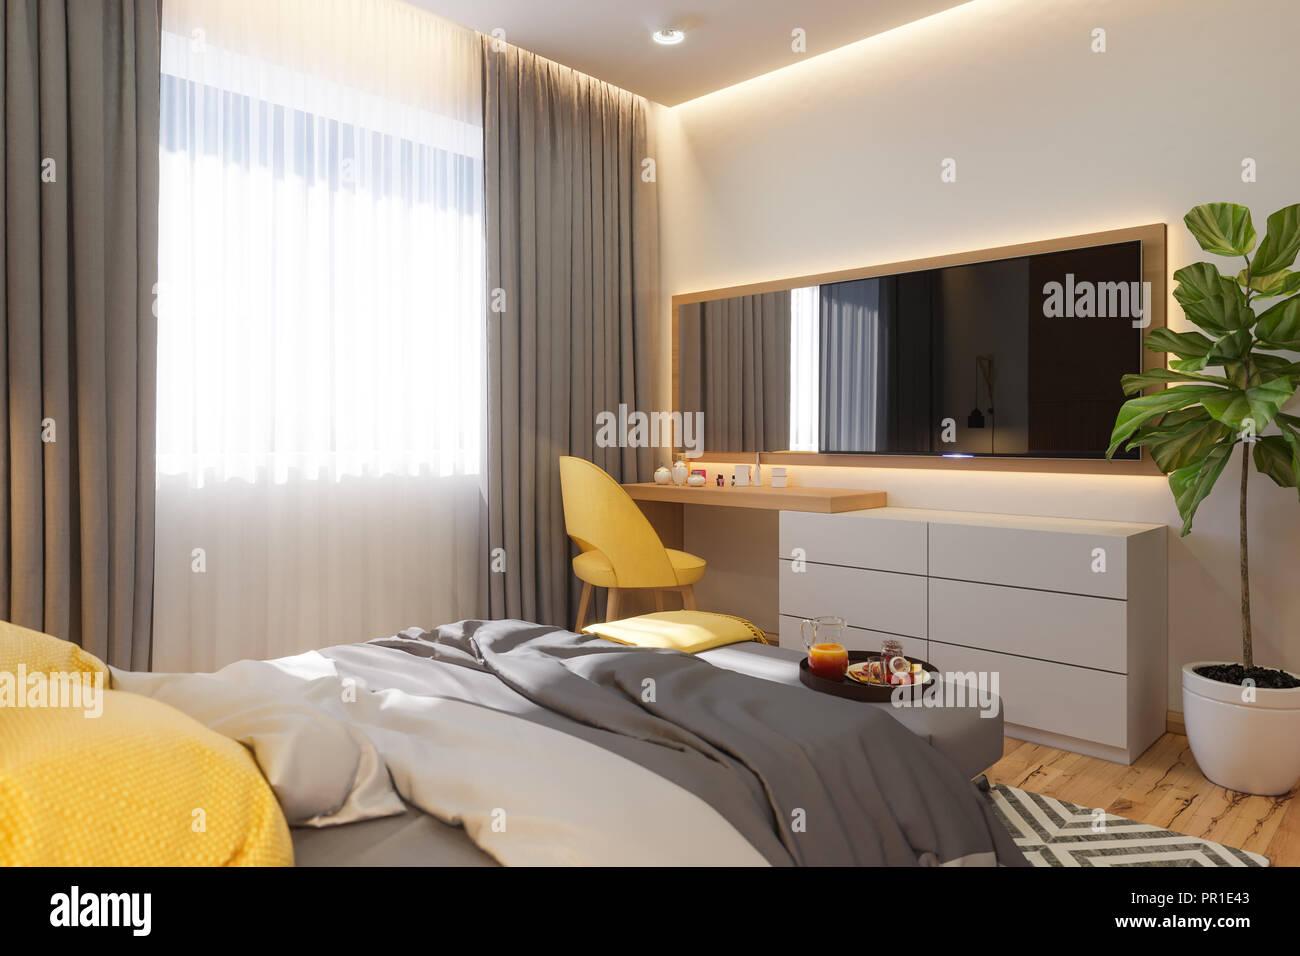 3d Illustration Schlafzimmer Interior Design Konzept Visualisierung Der Innenraum Im Skandinavischen Baustil In Warmen Naturlichen Farben Machen Stockfotografie Alamy